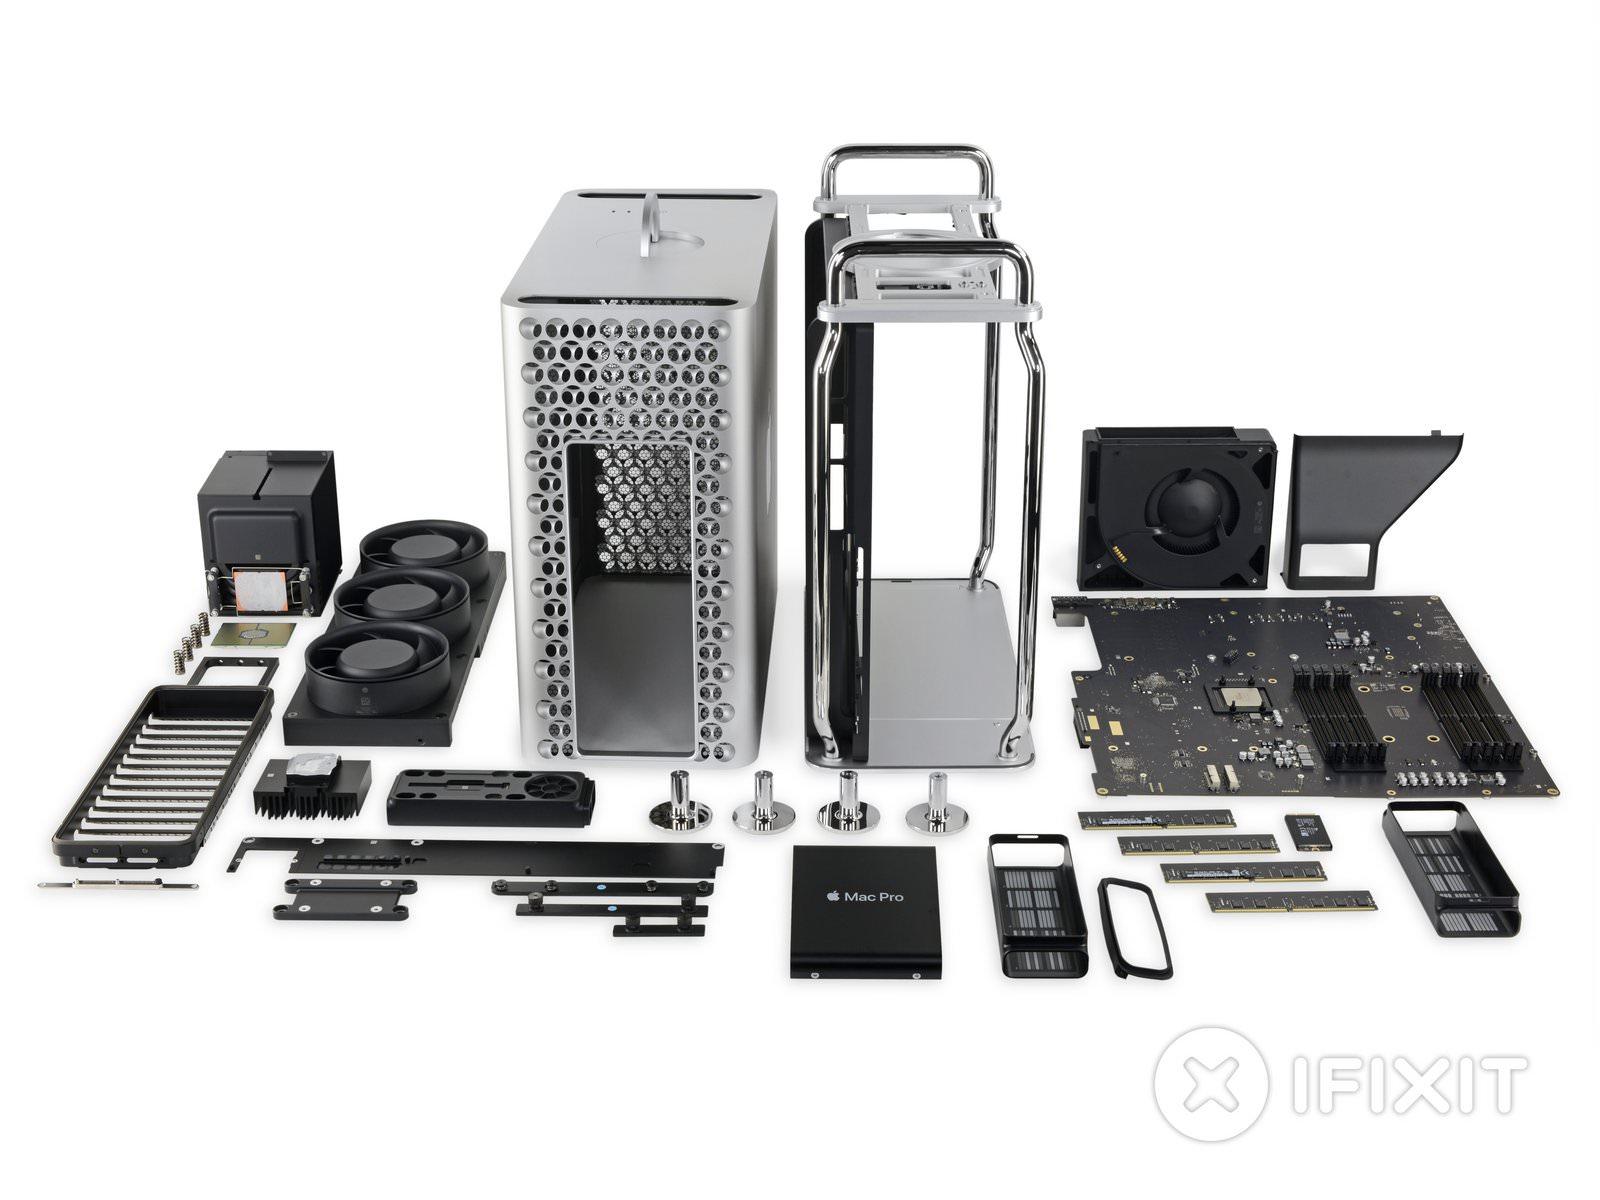 Mac-pro-ifixit-1.jpg